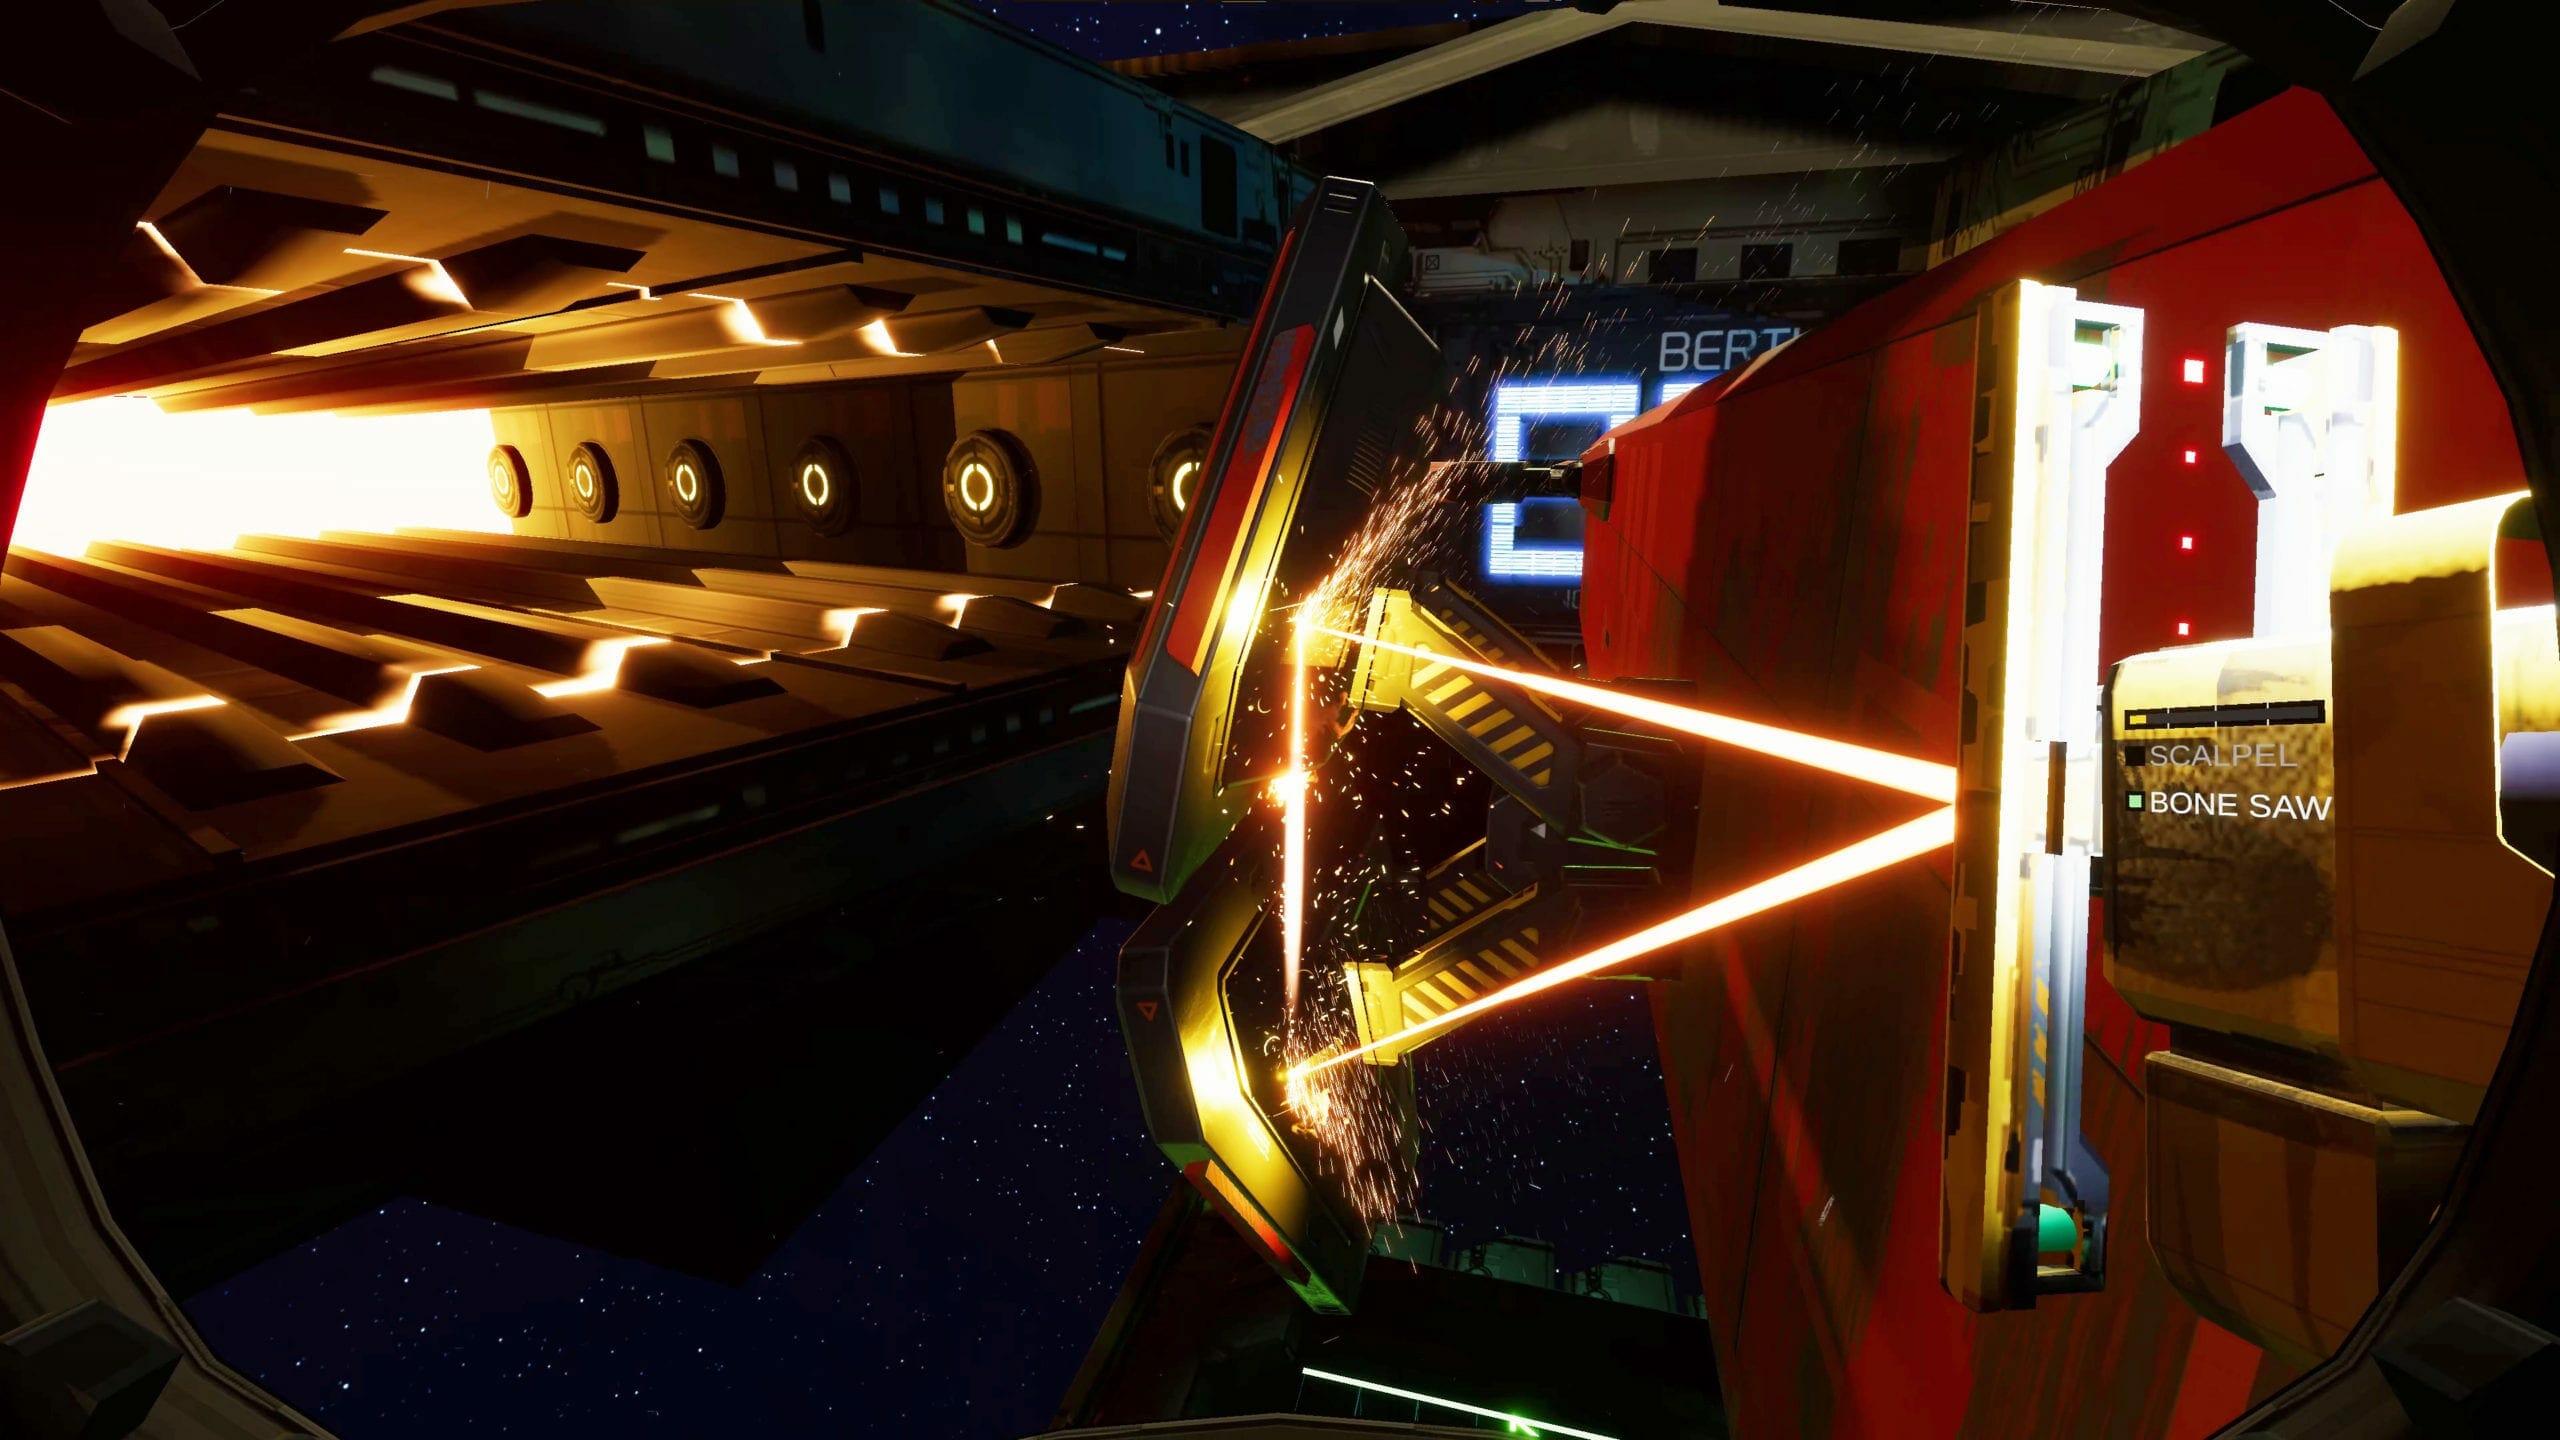 Hardspace: Shipbreaker Controller Issues